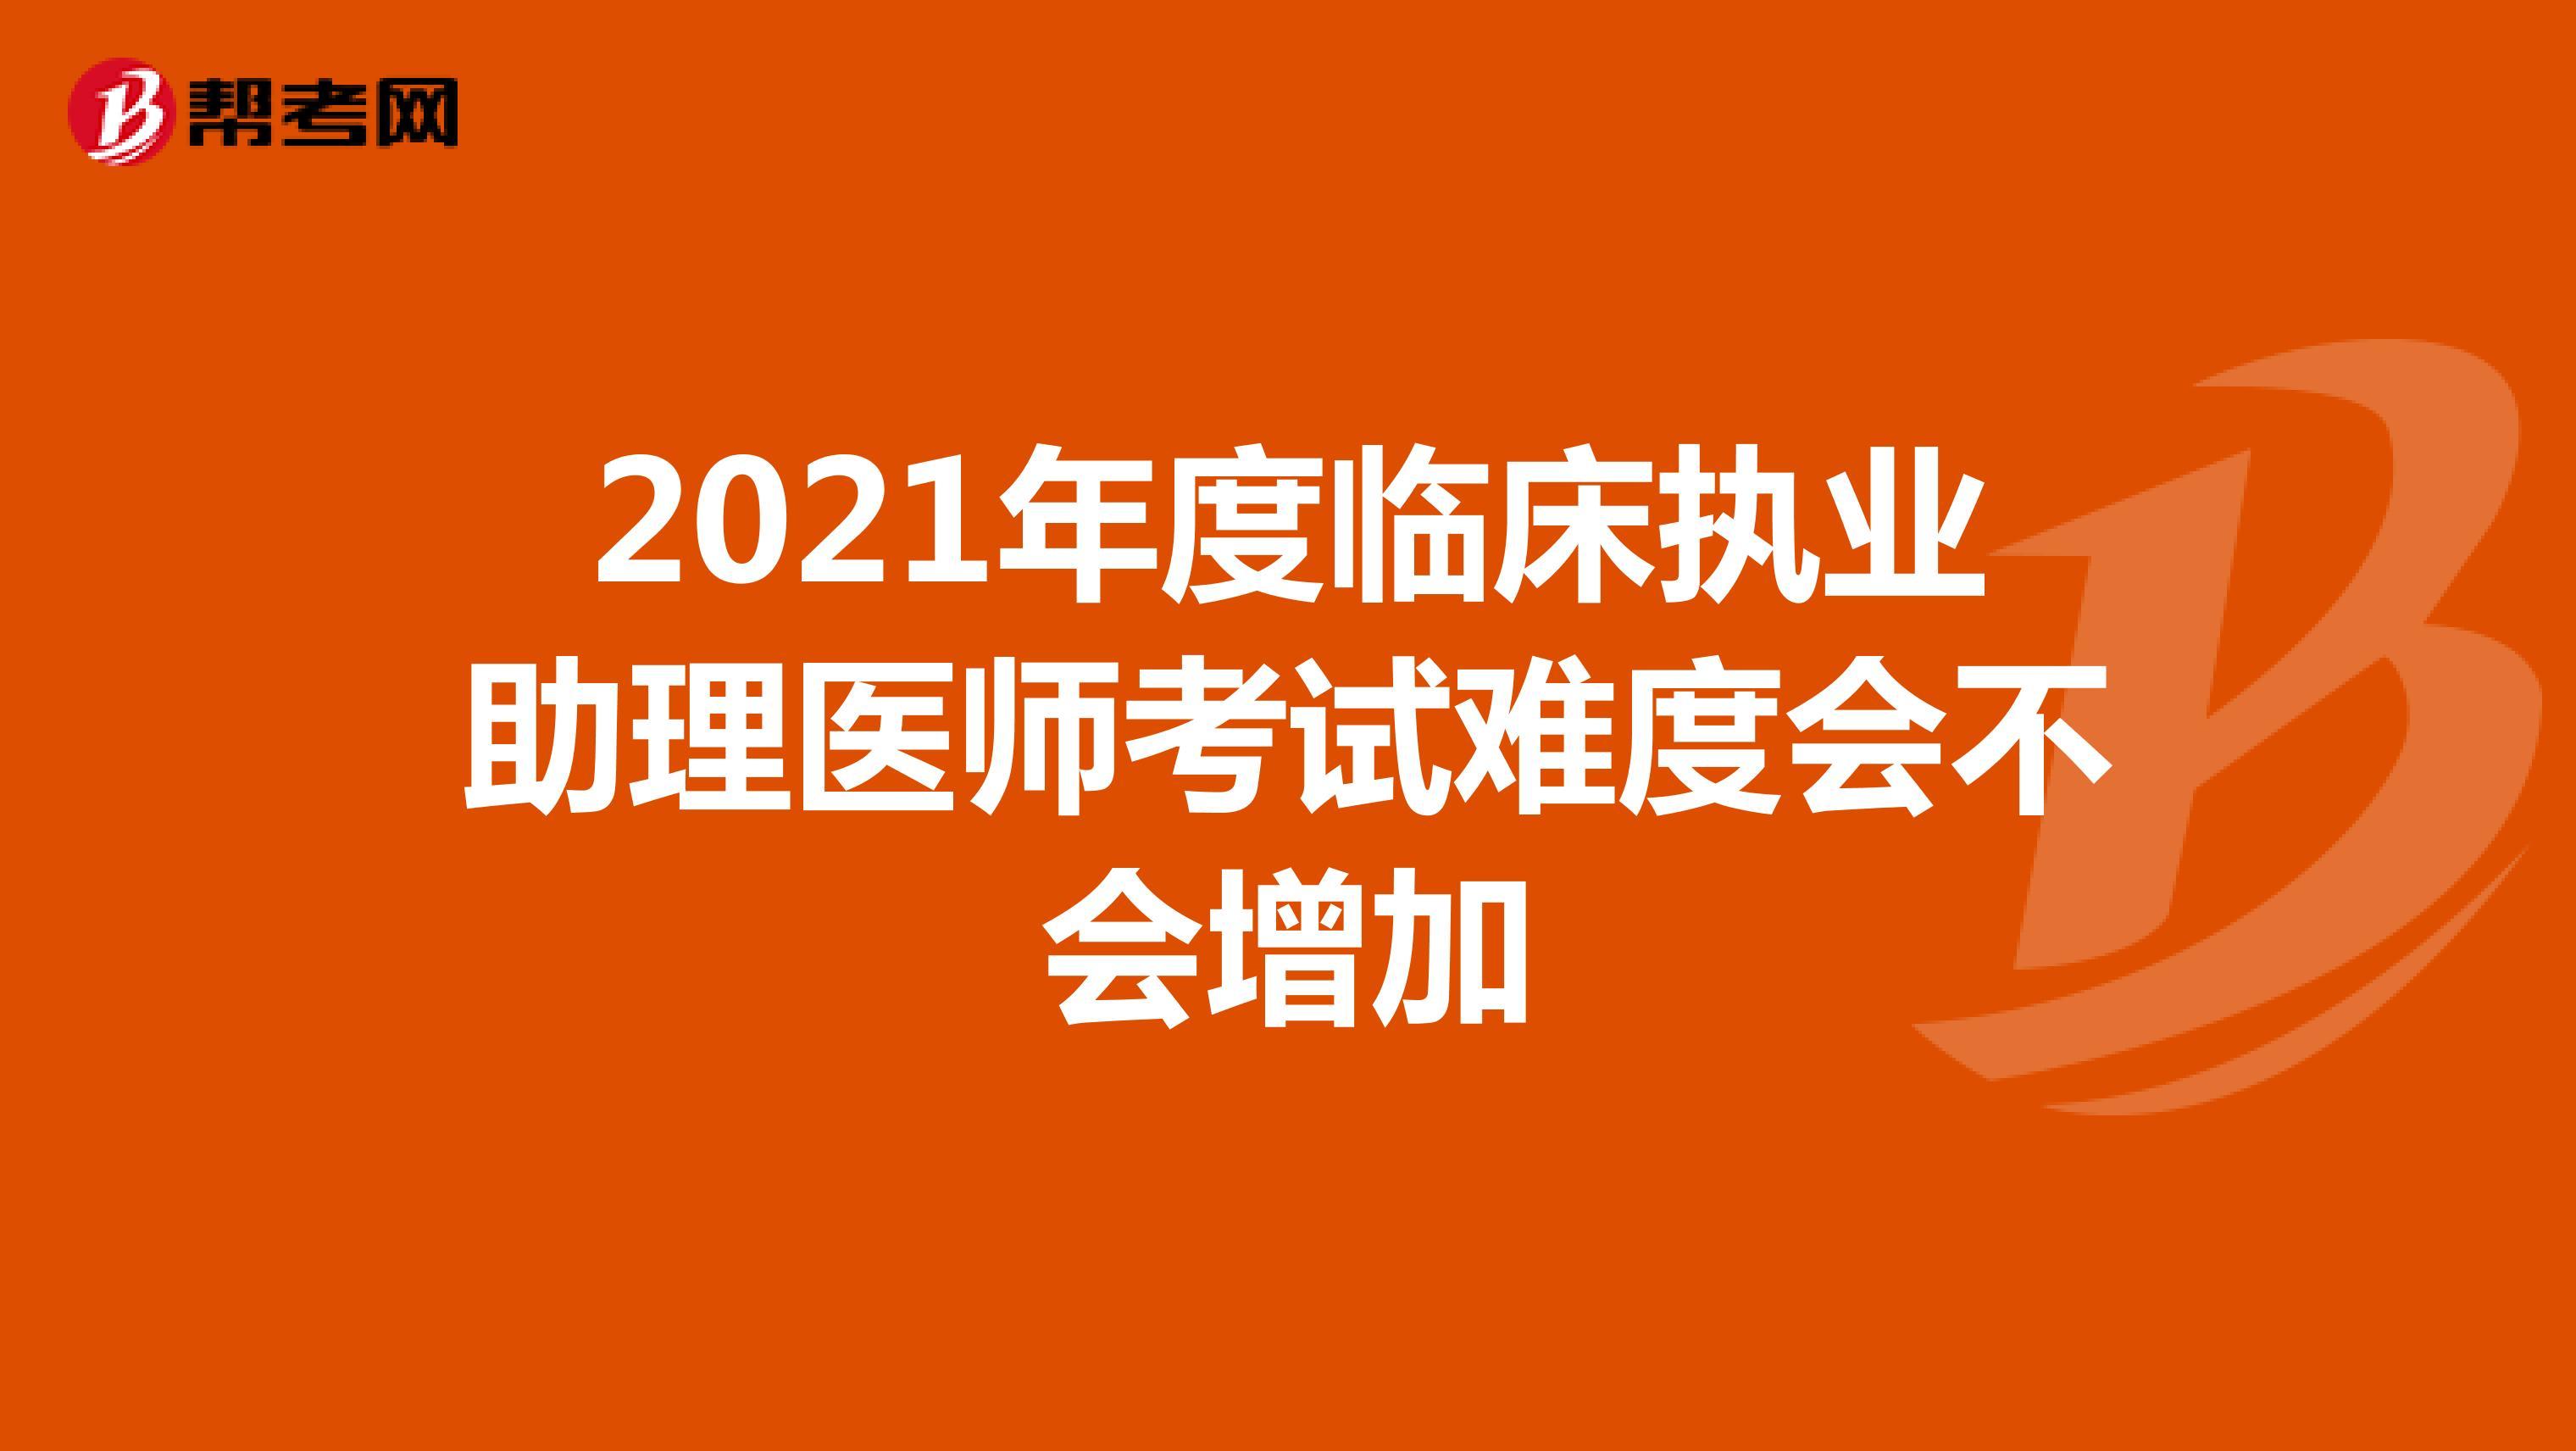 2021年度临床执业助理医师考试难度会不会增加